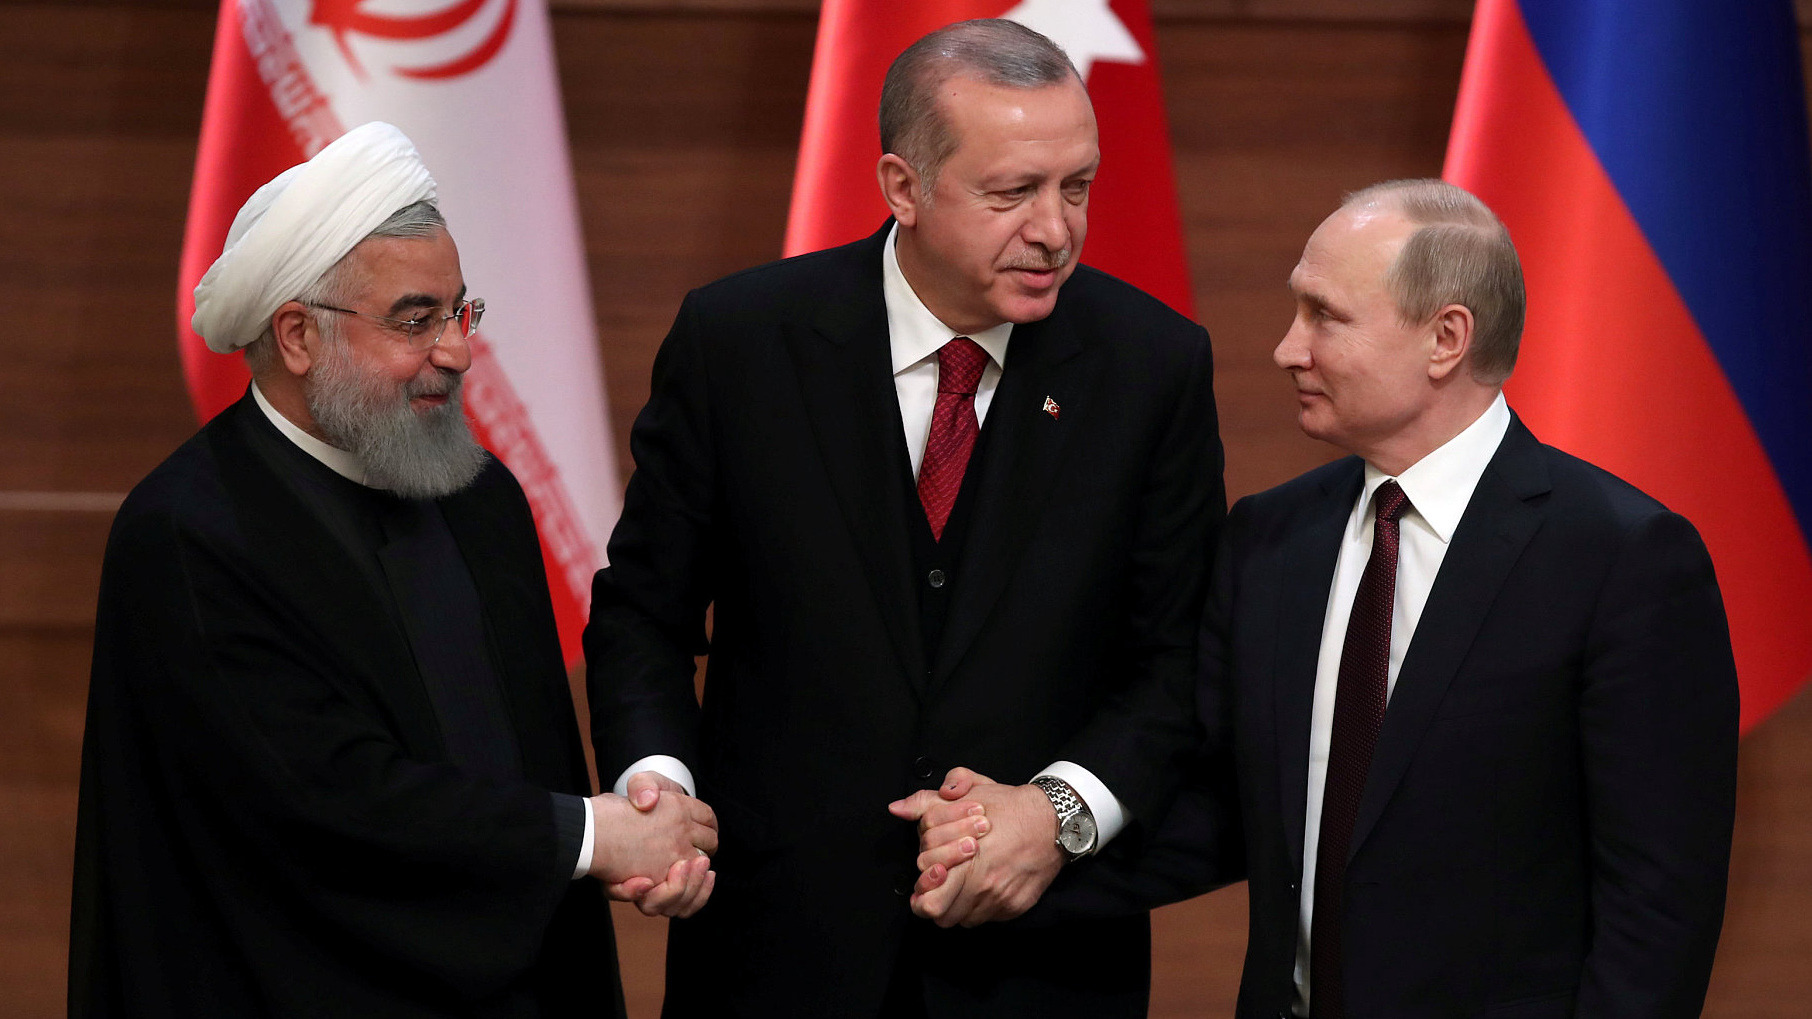 Russia-Turkey-Iran summit set for Sept. 7 in Tehran: Kremlin